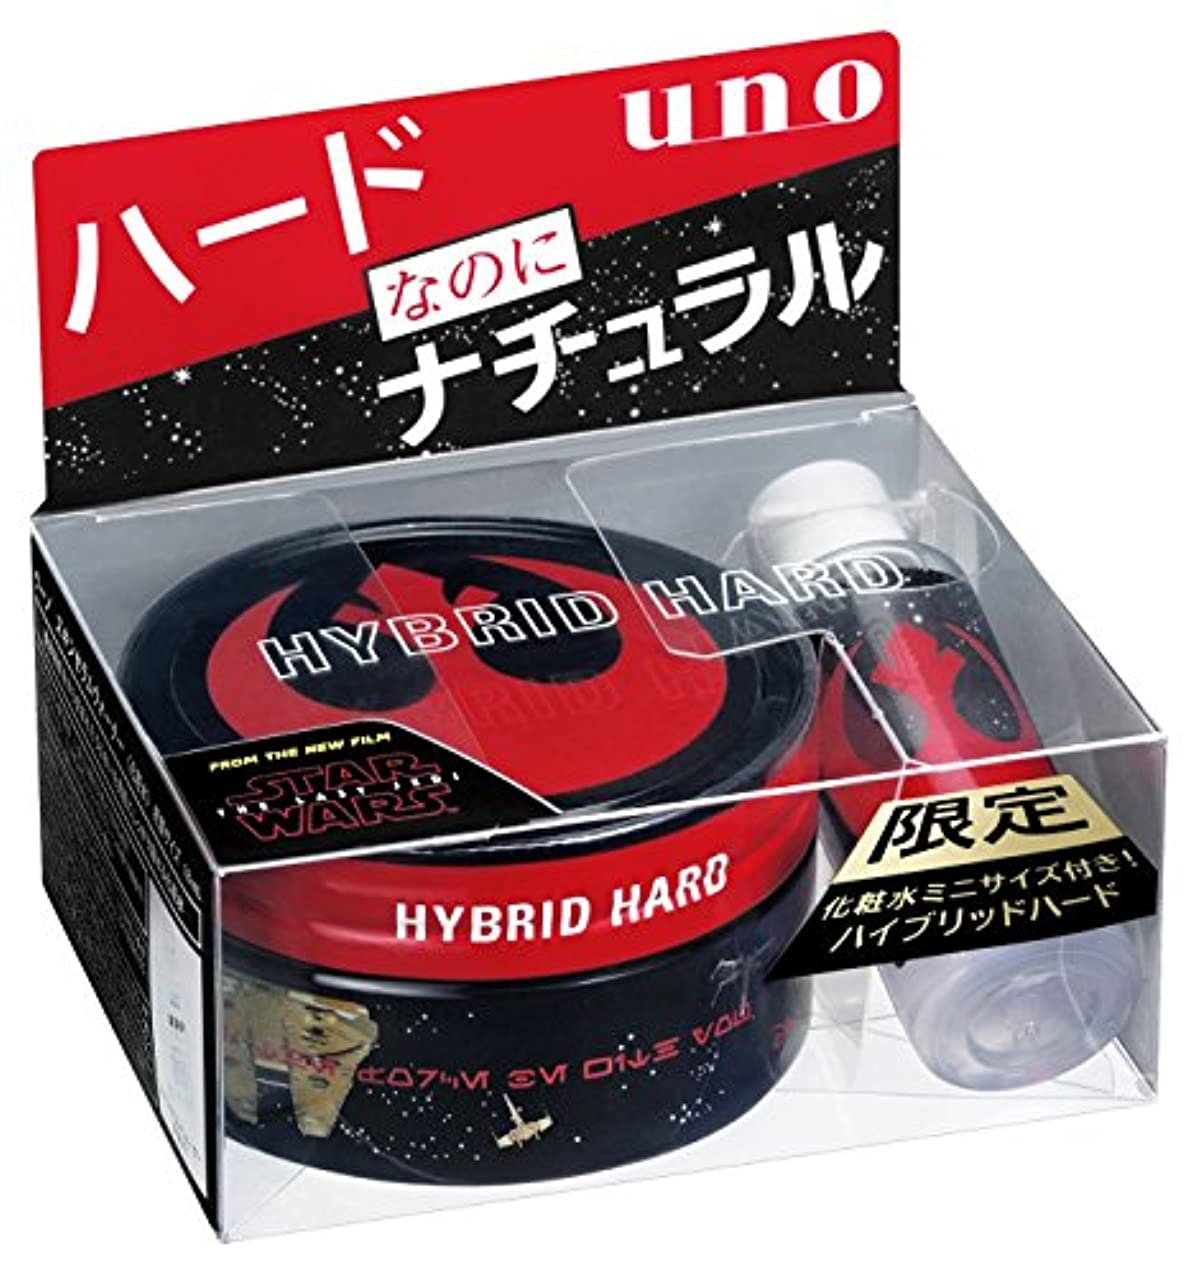 松一般徐々にuno(ウーノ) ウーノ ハイブリッドハード ワックス 80g スキンセラムウォーターミニボトル付(スターウォーズEp8)